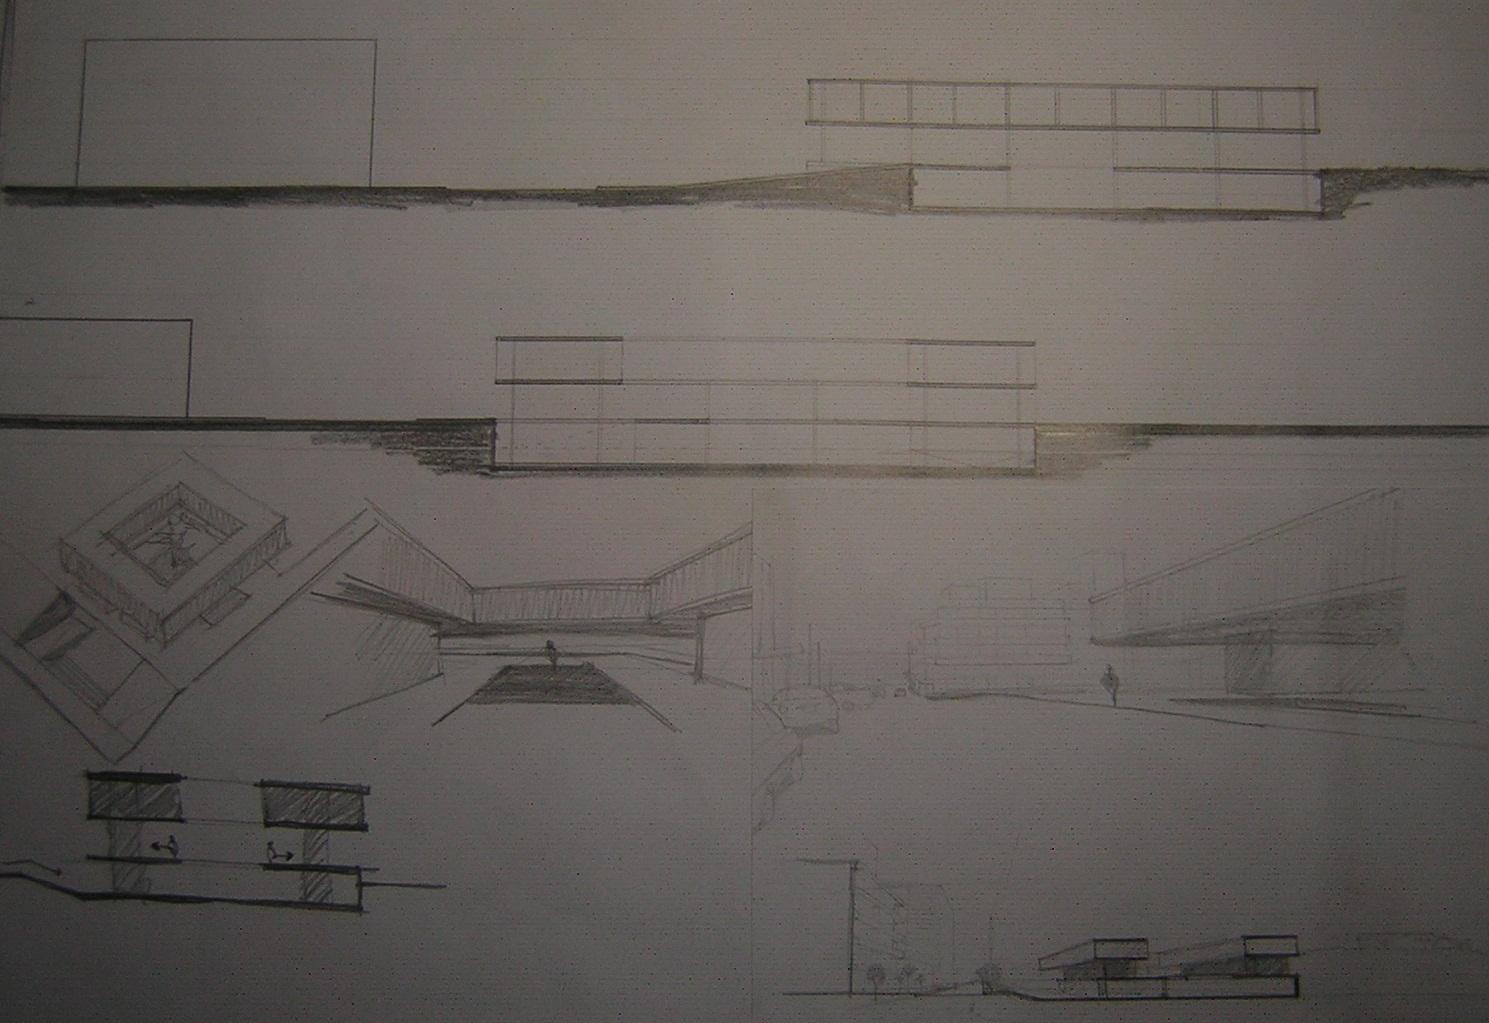 Micaela garcia primeras ideas - Agg arquitectura ...